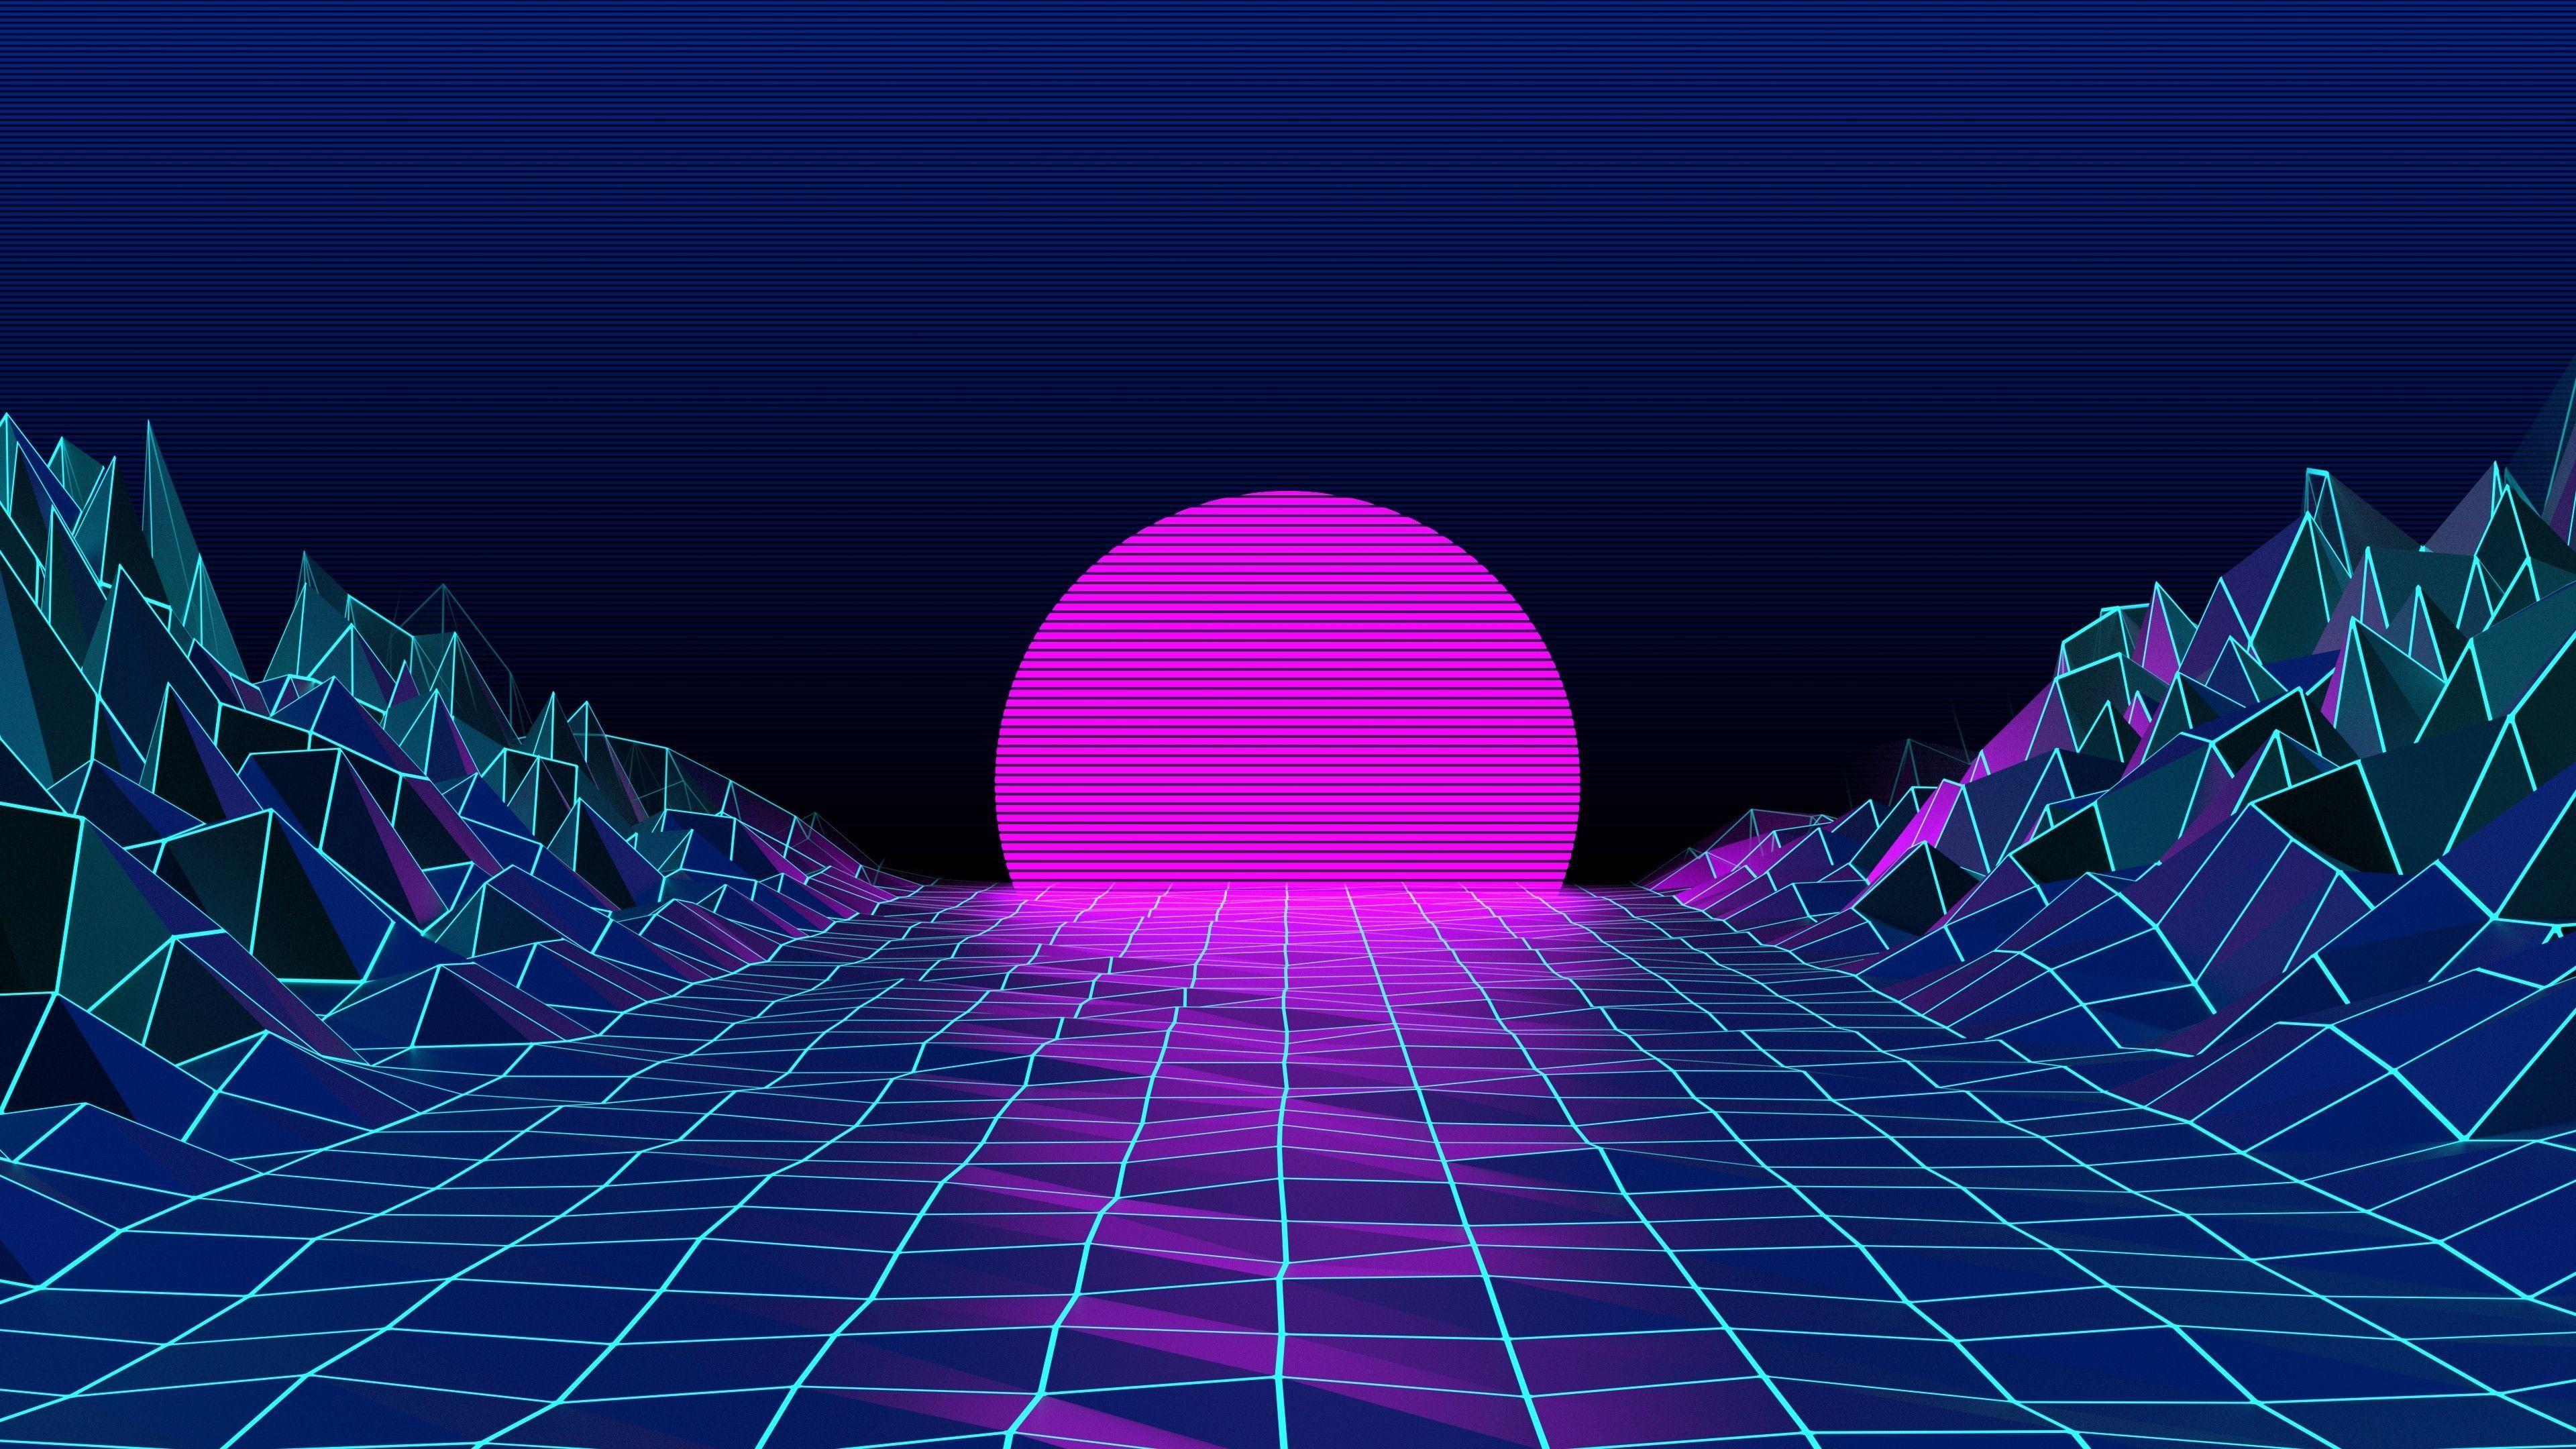 Neon Aesthetic Desktop Wallpapers Top Free Neon Aesthetic Desktop Backgrounds Wallpaperaccess